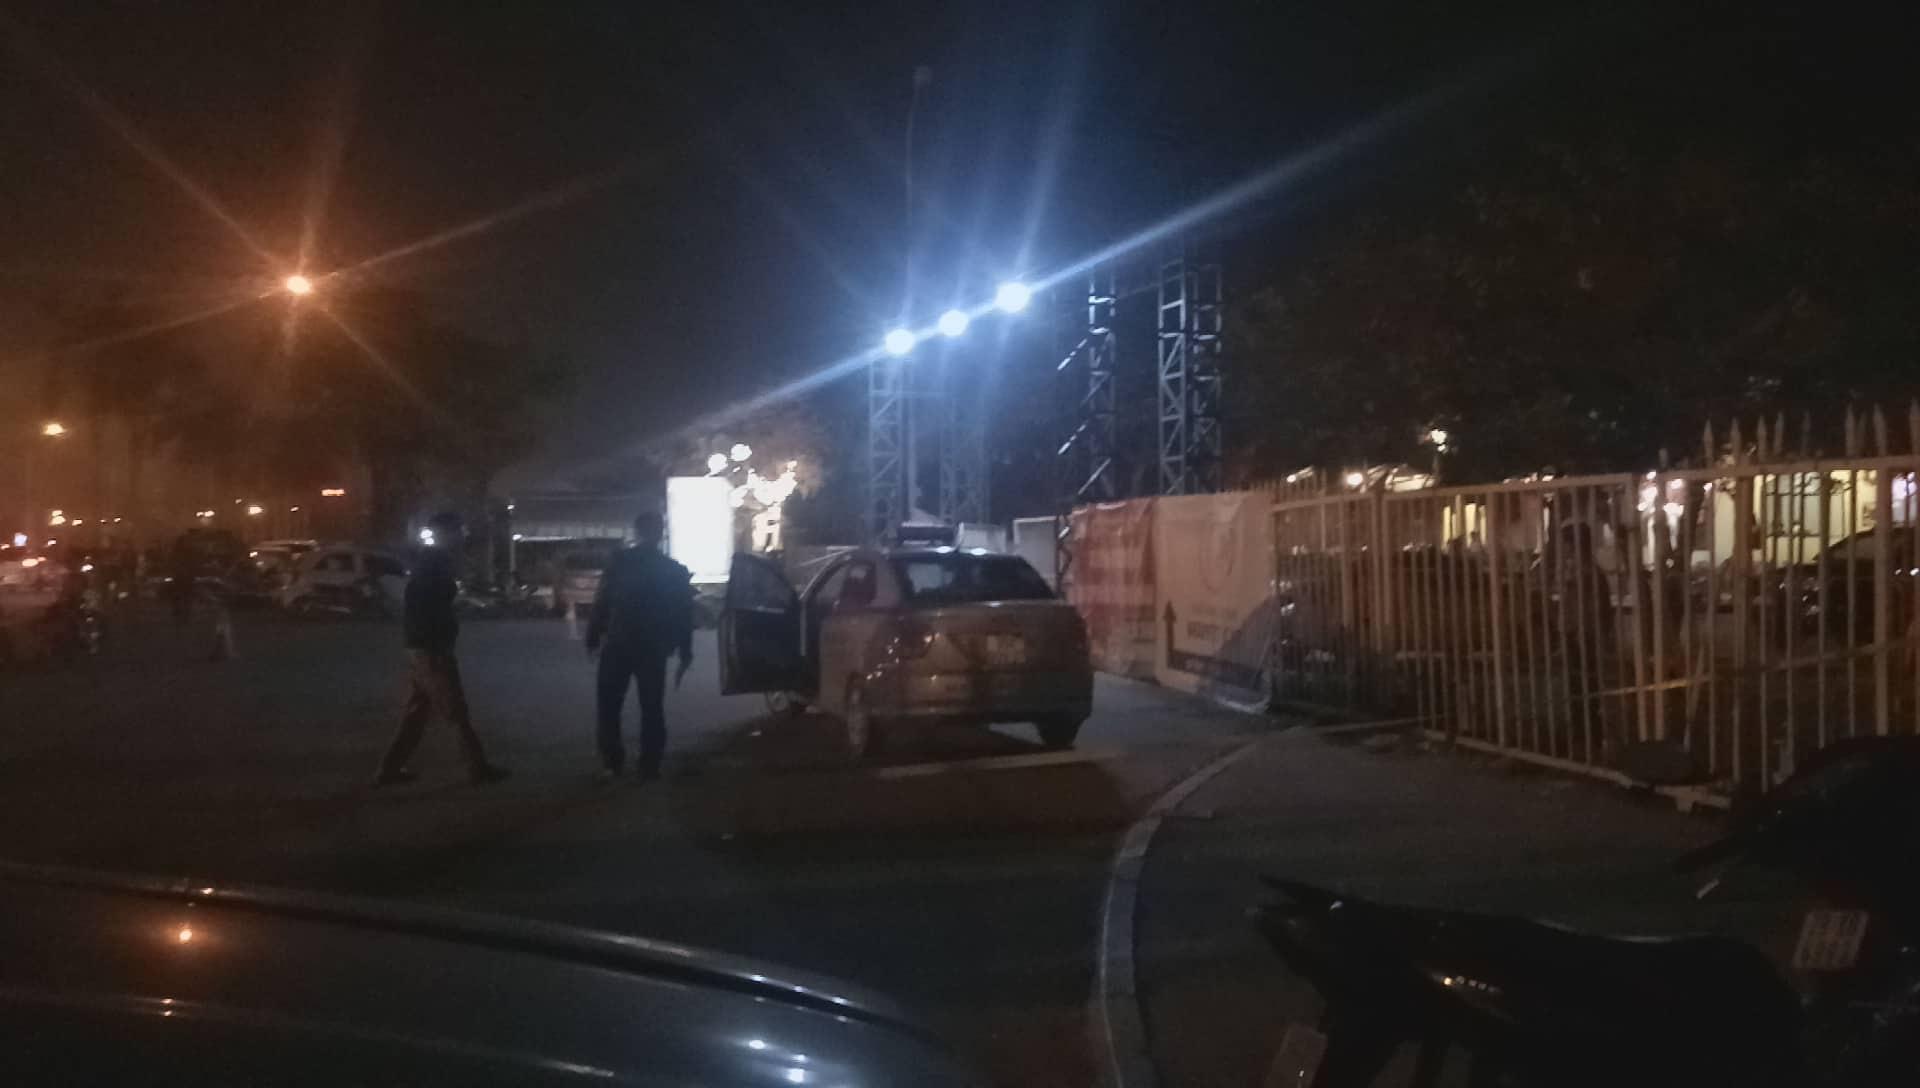 Hà Nội: Điều tra vụ tài xế taxi ôm cổ chảy máu lao khỏi xe, gục chết trước cửa SVĐ Mỹ Đình - Ảnh 5